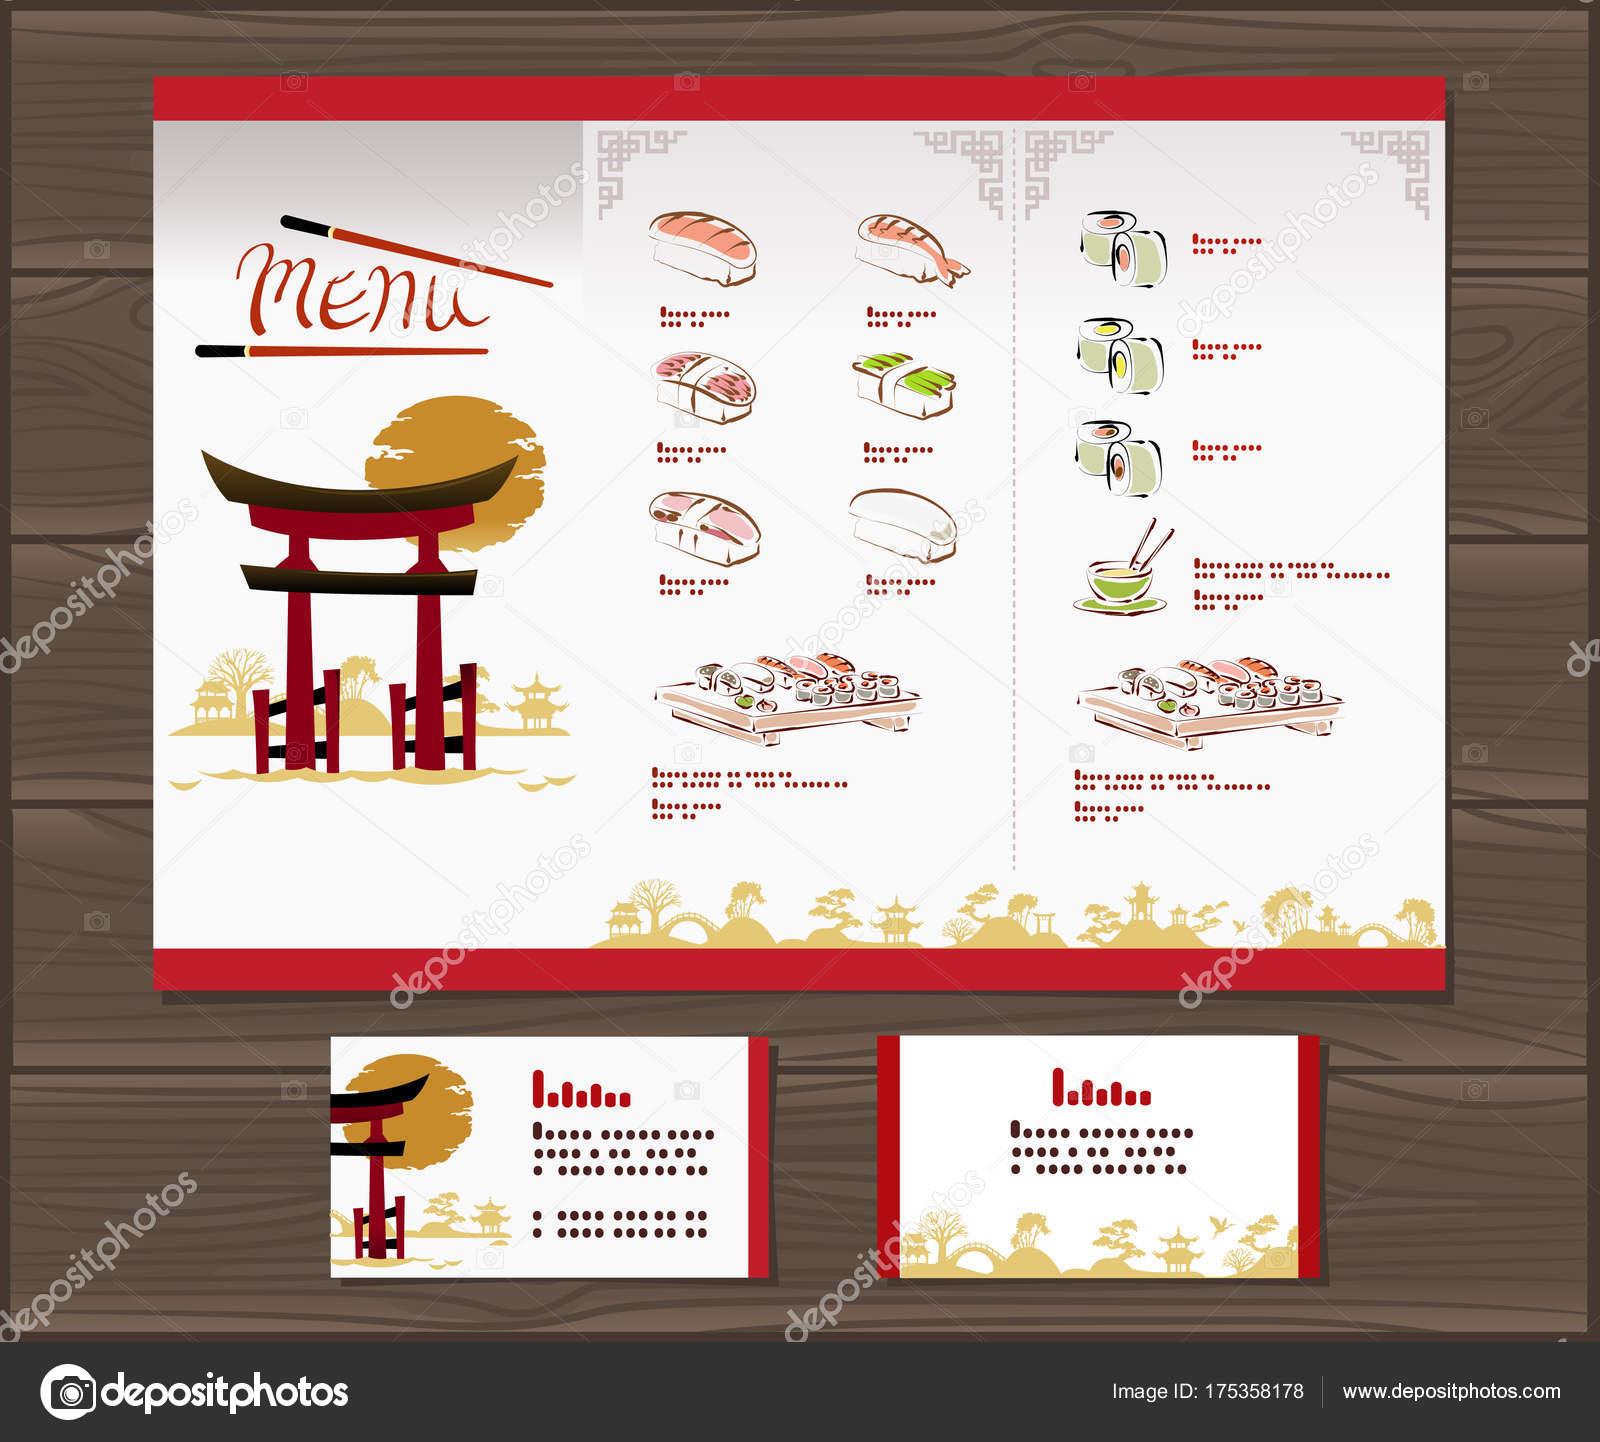 Menú Comida Japonesa Plantilla Ilustración Vector — Fotos de Stock ...